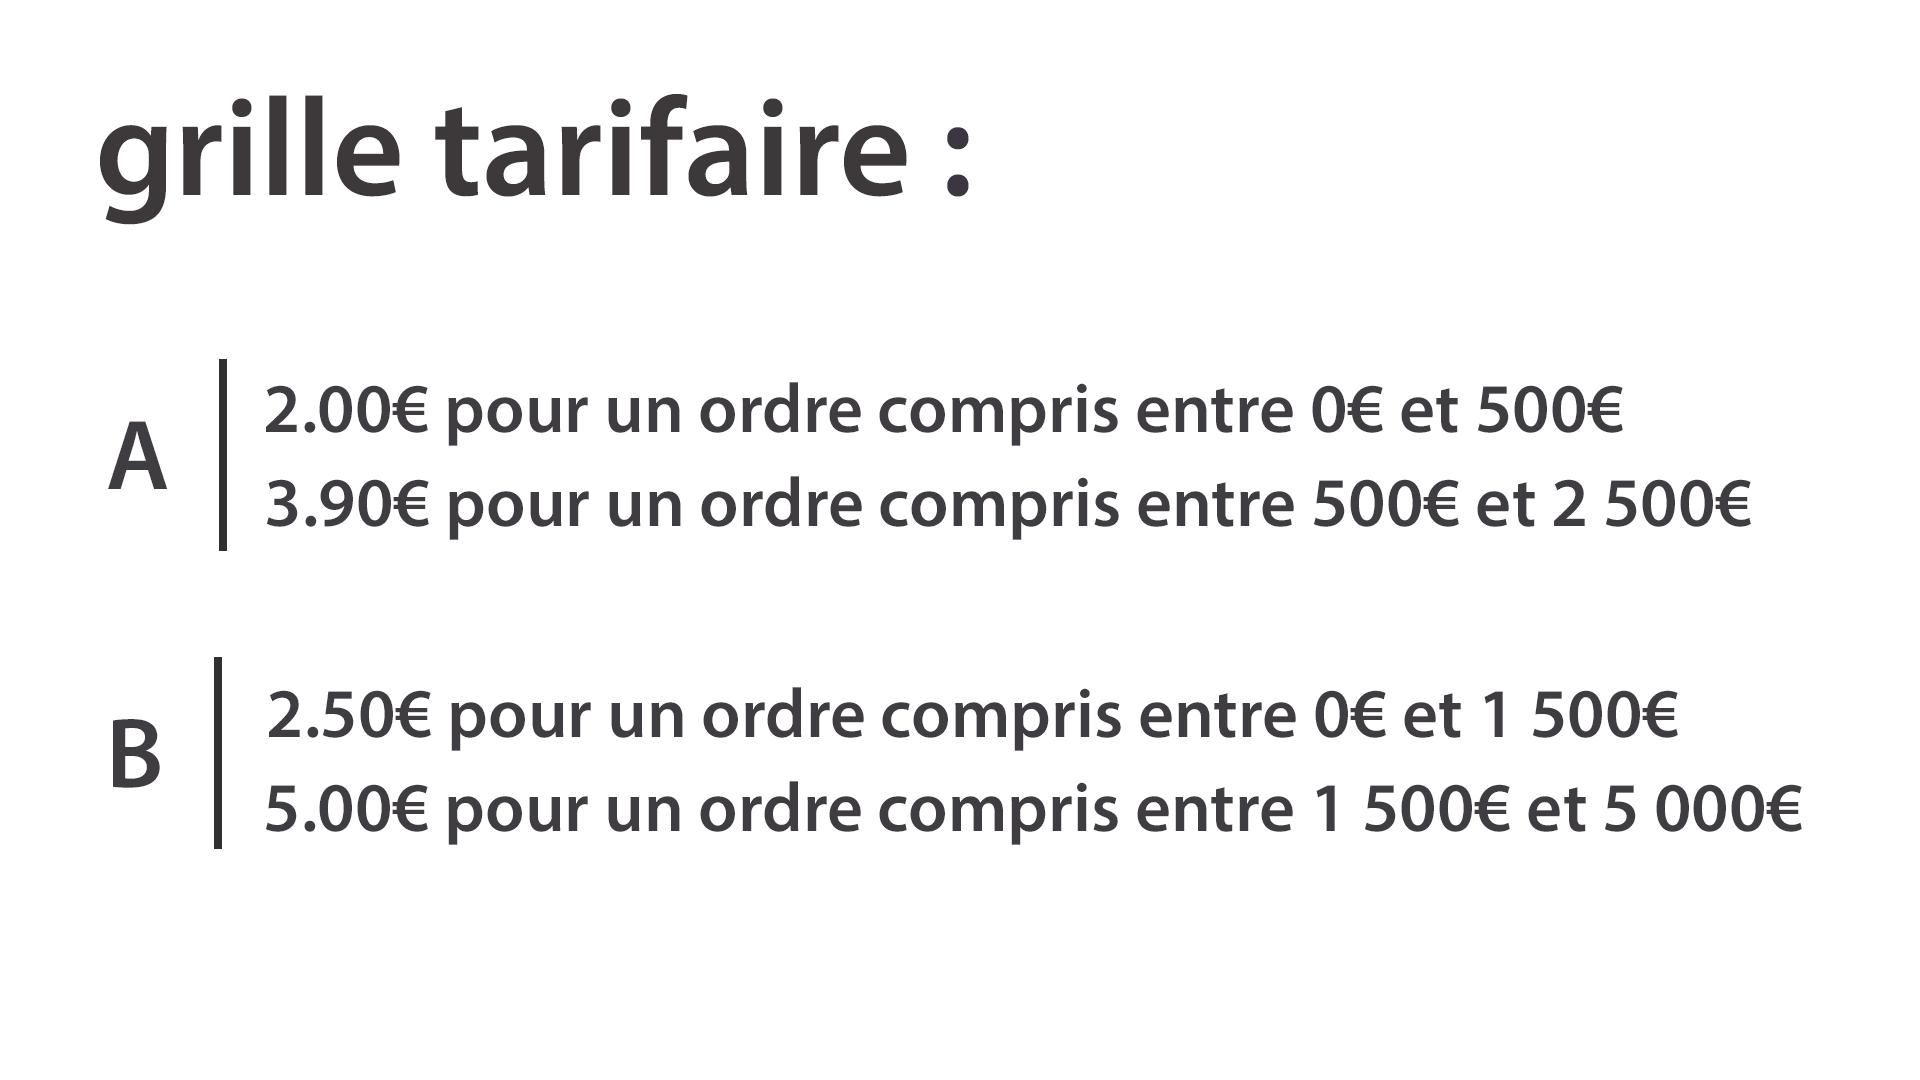 Liste des tarifs annoncés par le broker pour l'exemple